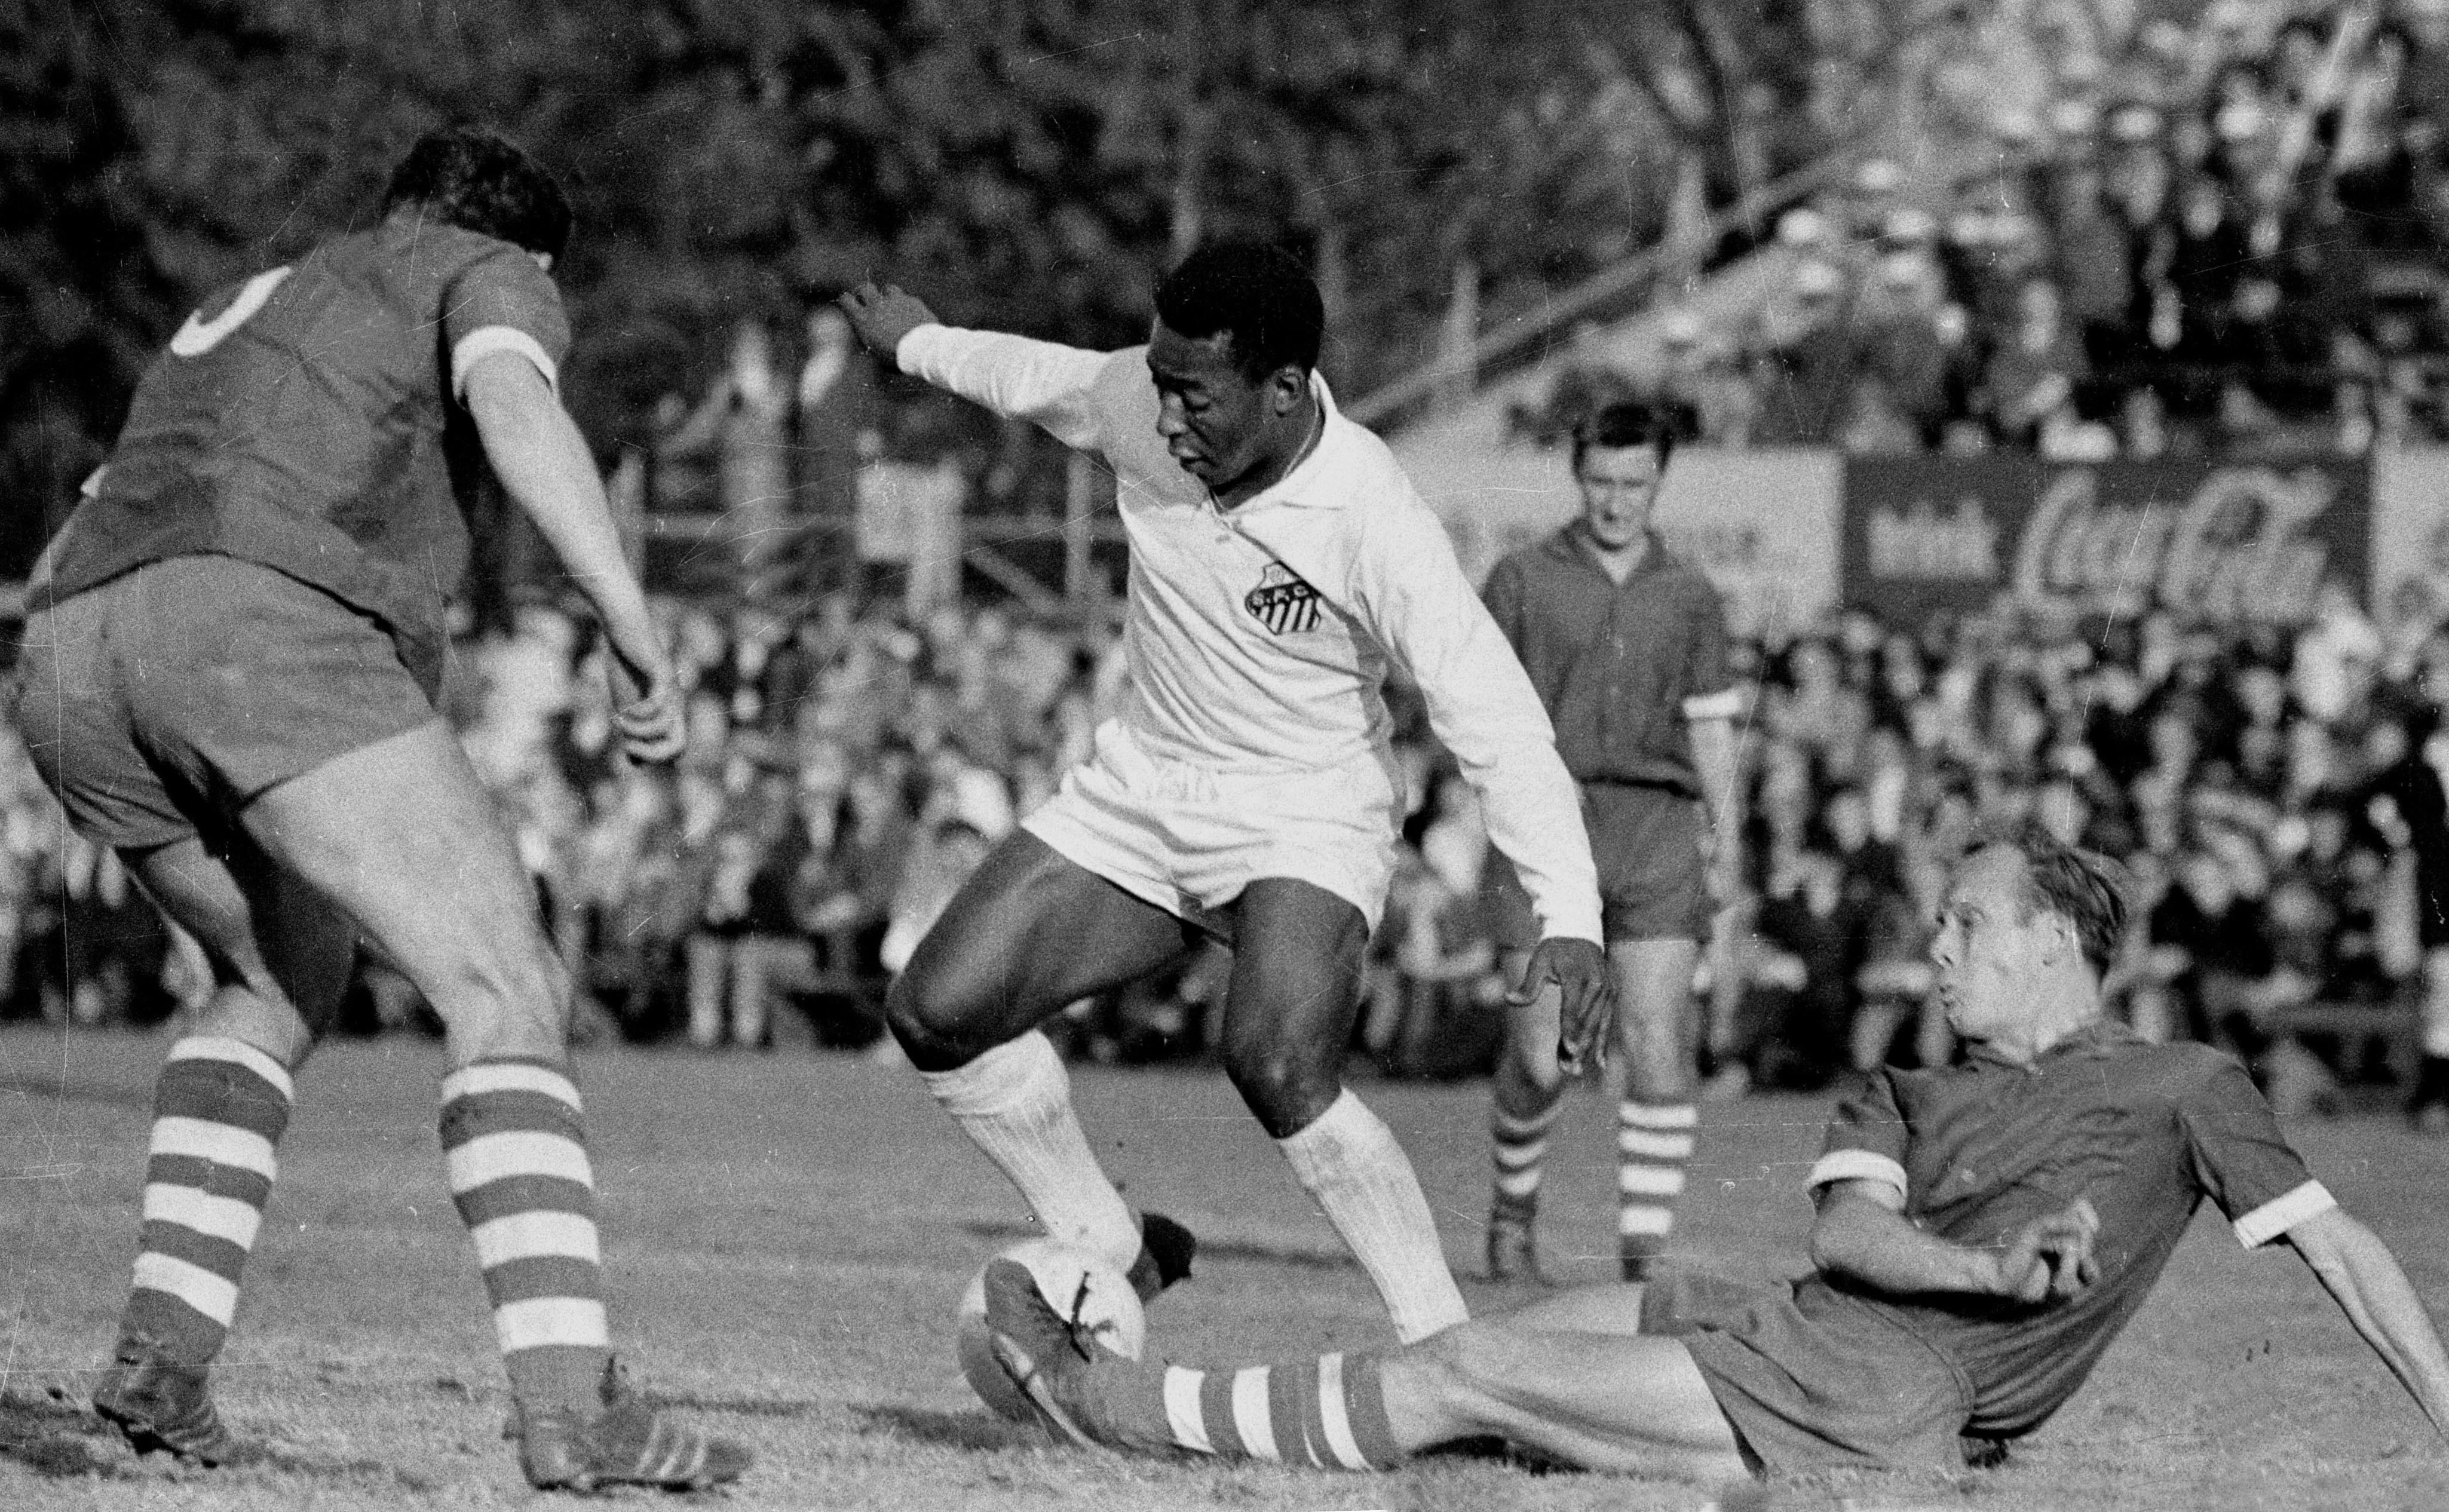 Weltfußballer, dreifacher Weltmeister, rot-weisses Ehrenmitglied und Geburtstagskind: Alles Gute zum 80. Ehrentag, Pelé!